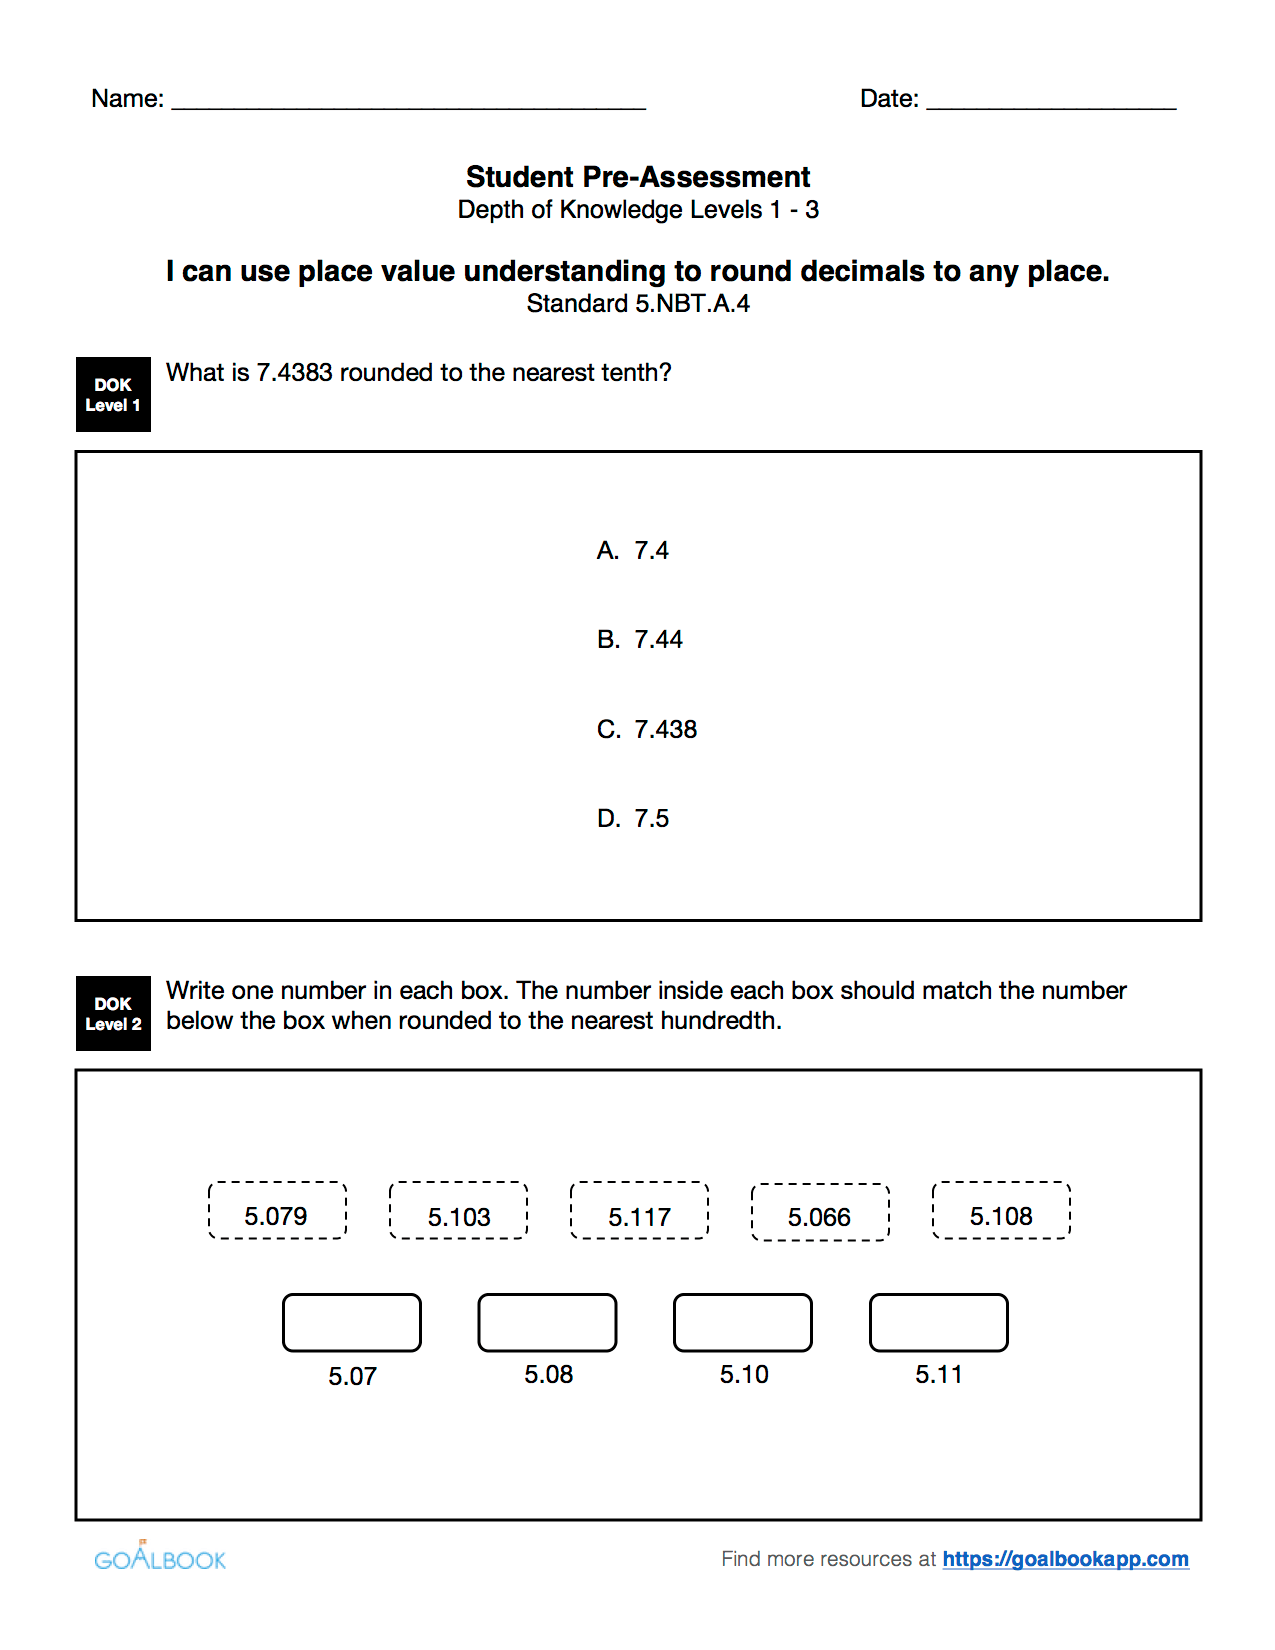 5 Nbt 4 Round Decimals